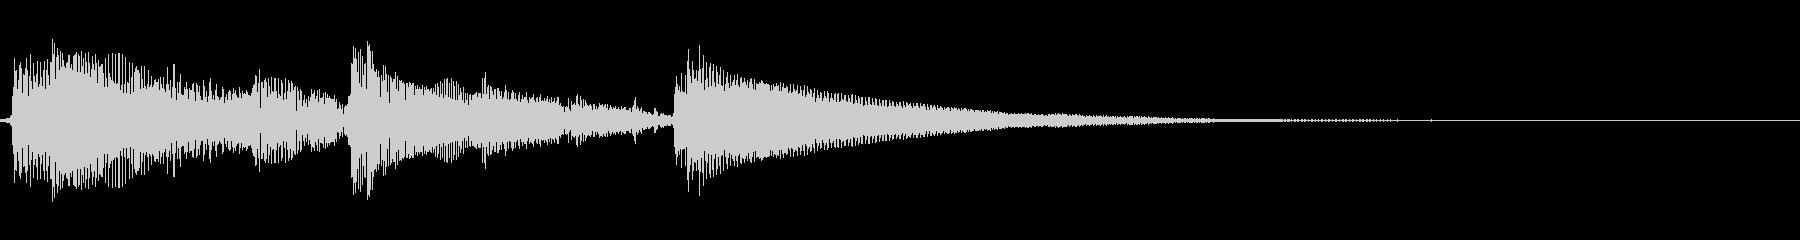 ★アコギ生音のジングル/シンプルの未再生の波形